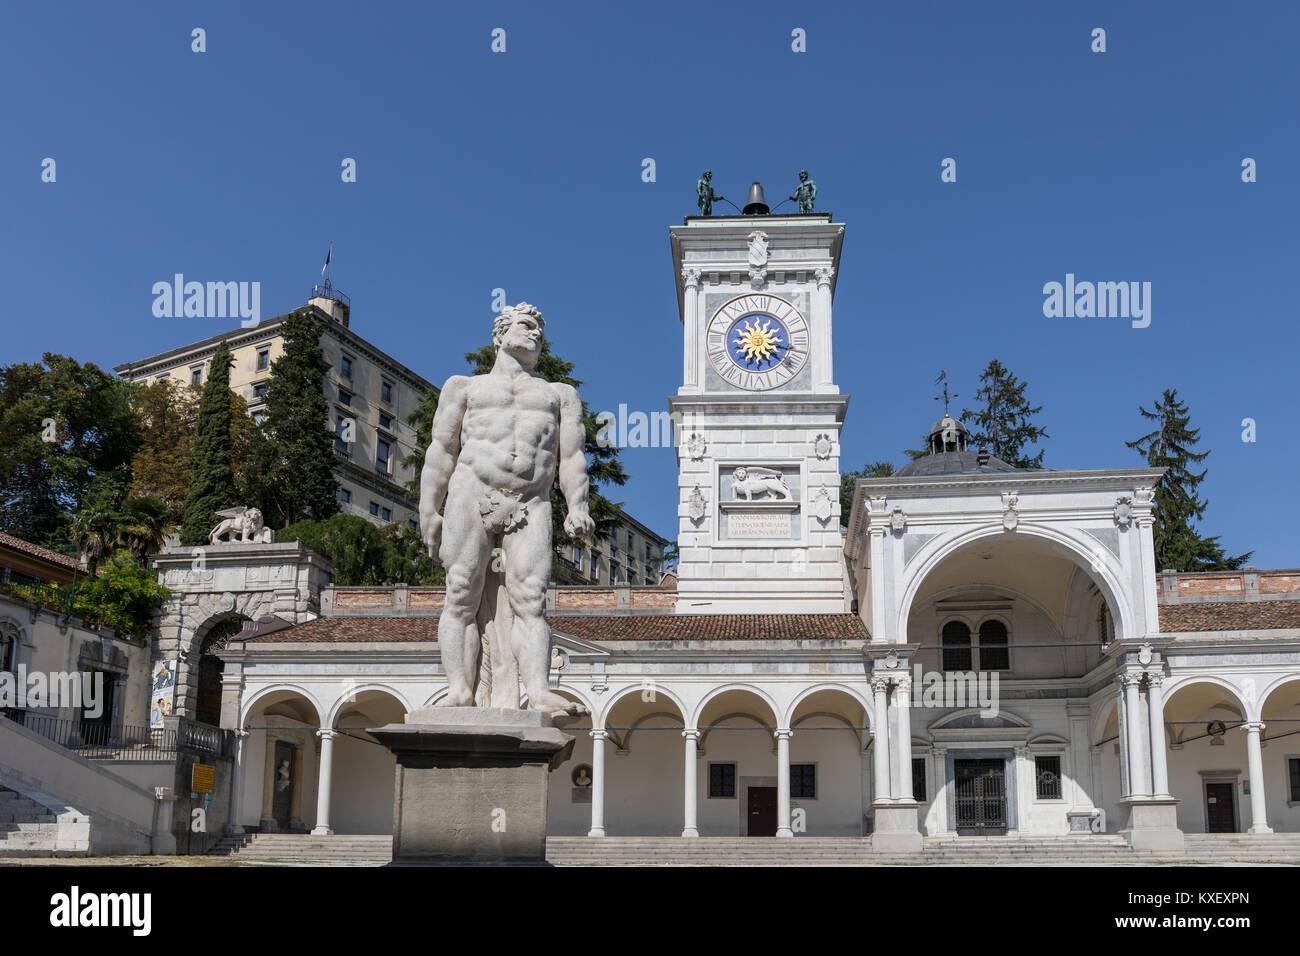 Piazza della Libertà square with clock tower, statue of Cacus and Loggia di San Giovanni - Udine, Friuli Venezia - Stock Image